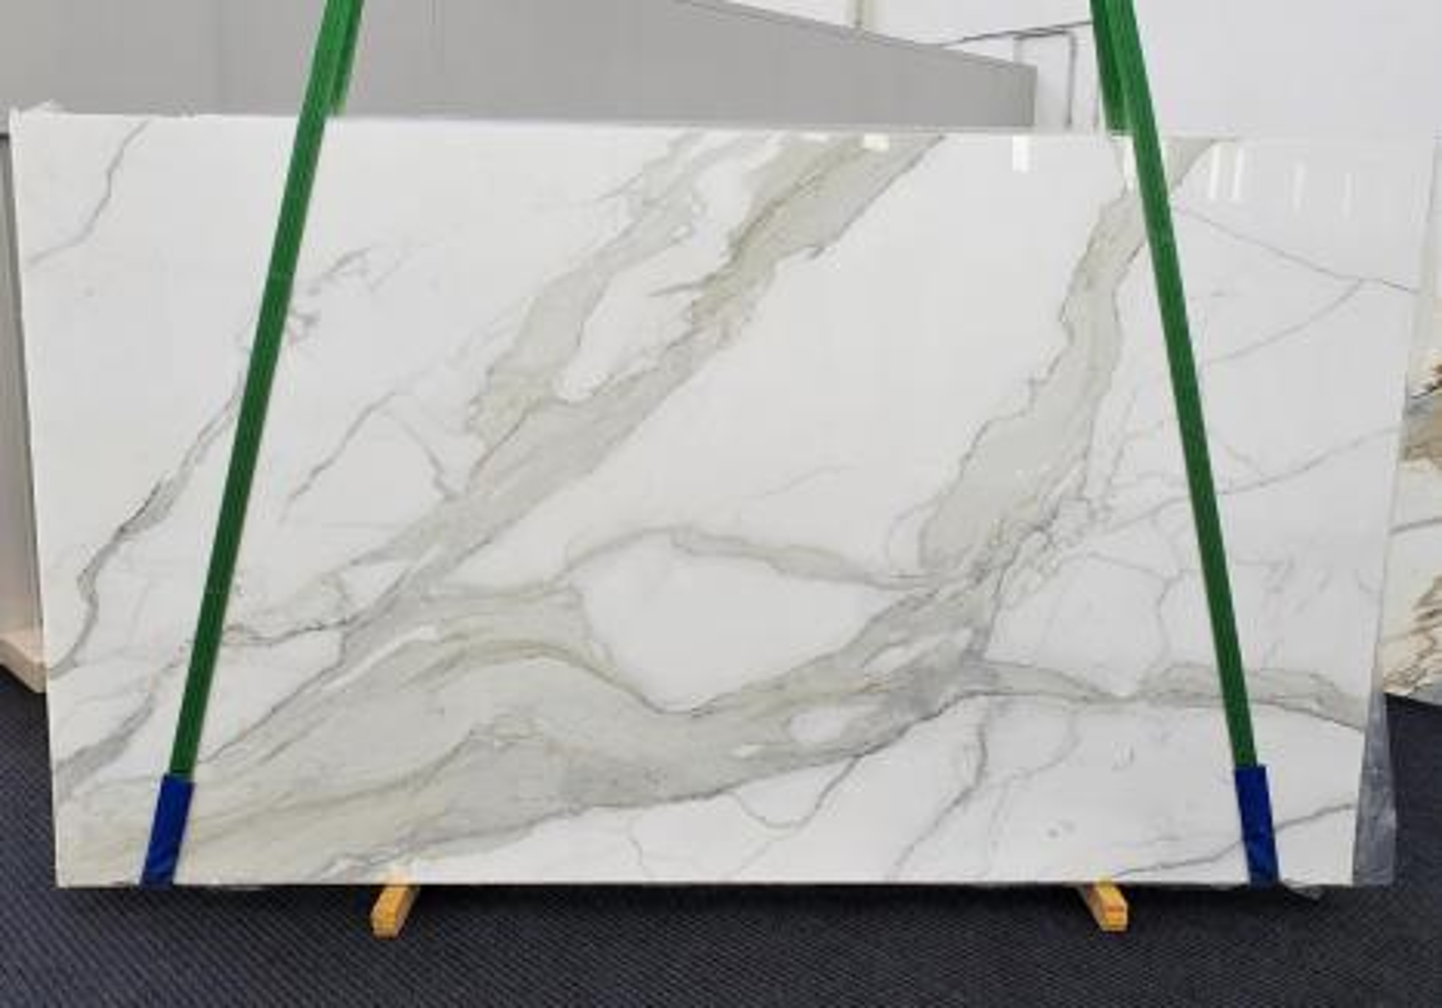 CALACATTA ORO EXTRA Supply Veneto (Italy) polished slabs 1366 , Slab #09 natural marble